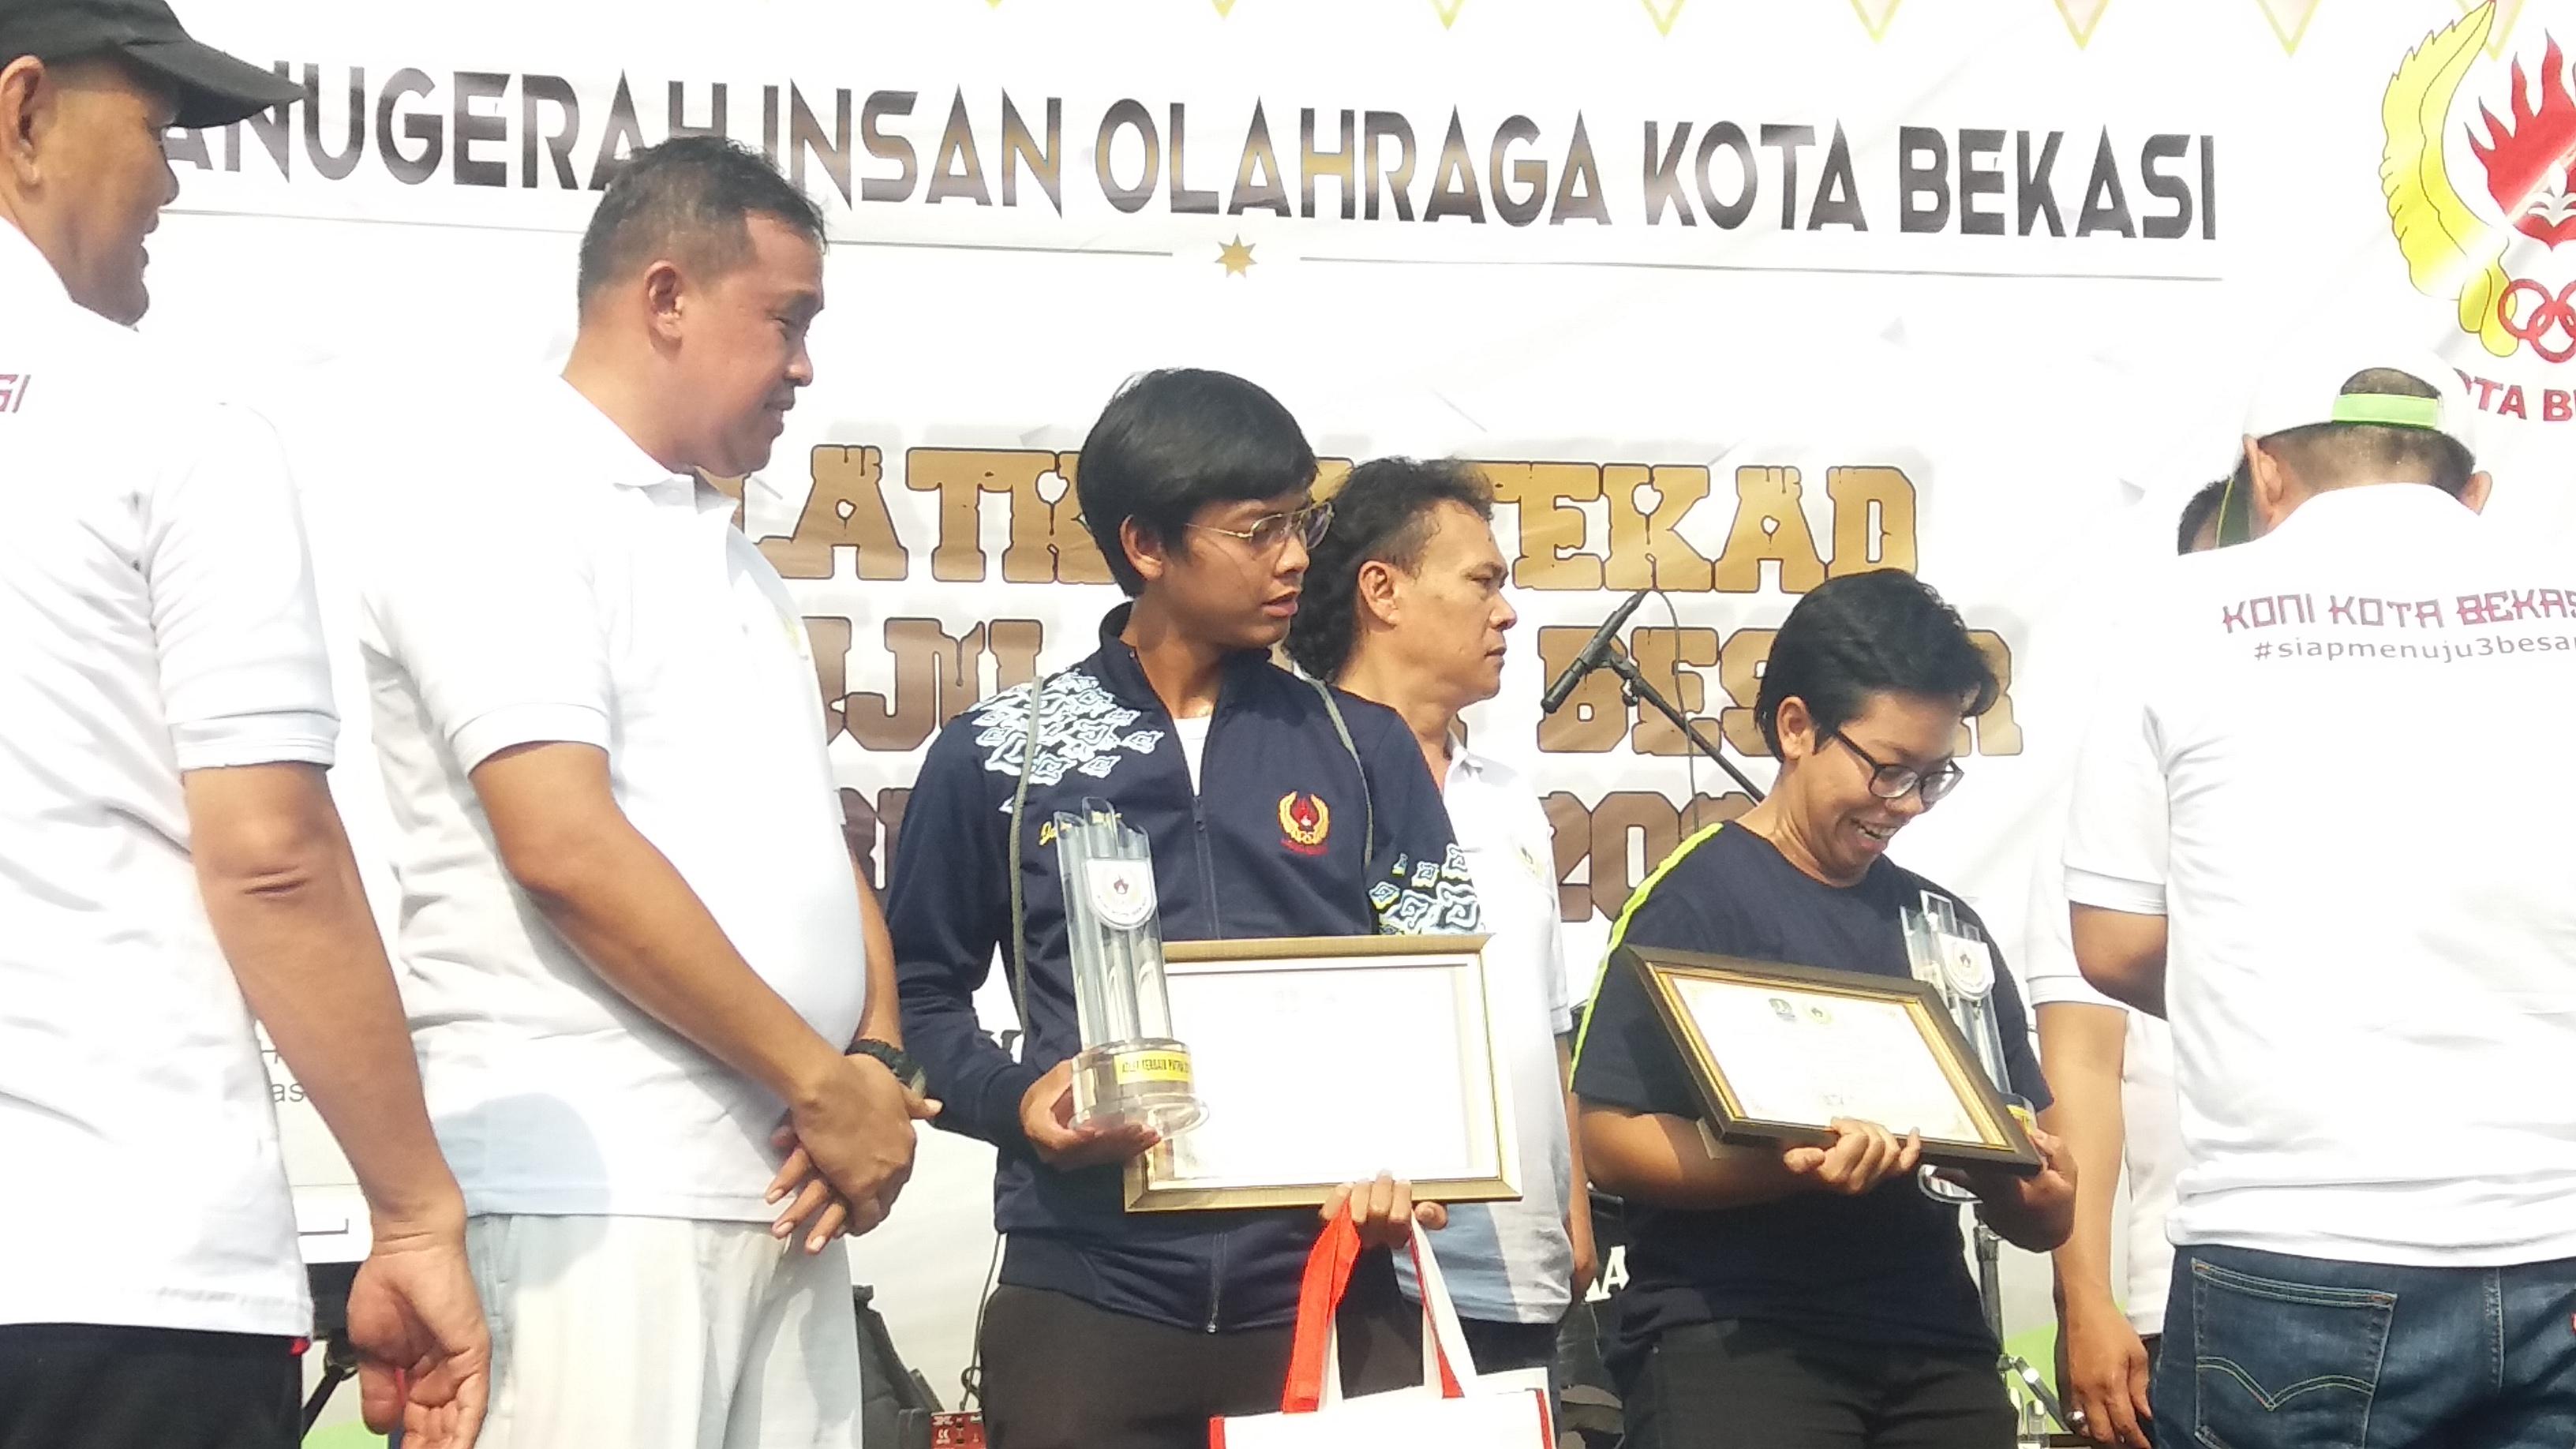 Ketua Umum KONI Kota Bekasi, Abdul Rosyad Irwan ditemani langsung Wakil Wali Kota Bekasi Tri Adhianto Tjahyono